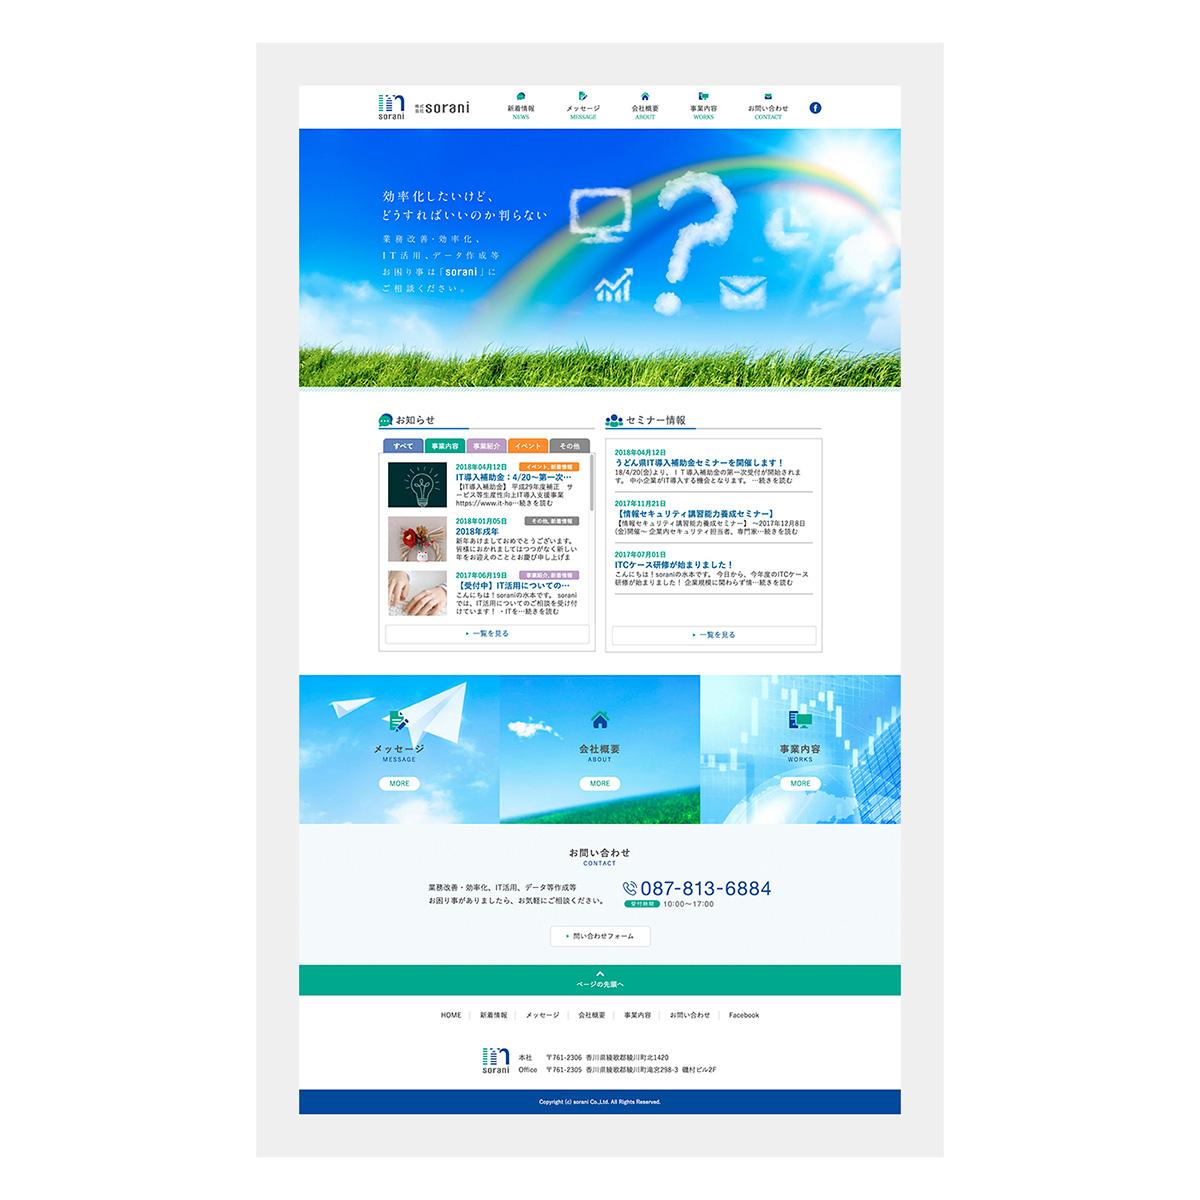 株式会社sorani ウェブサイト